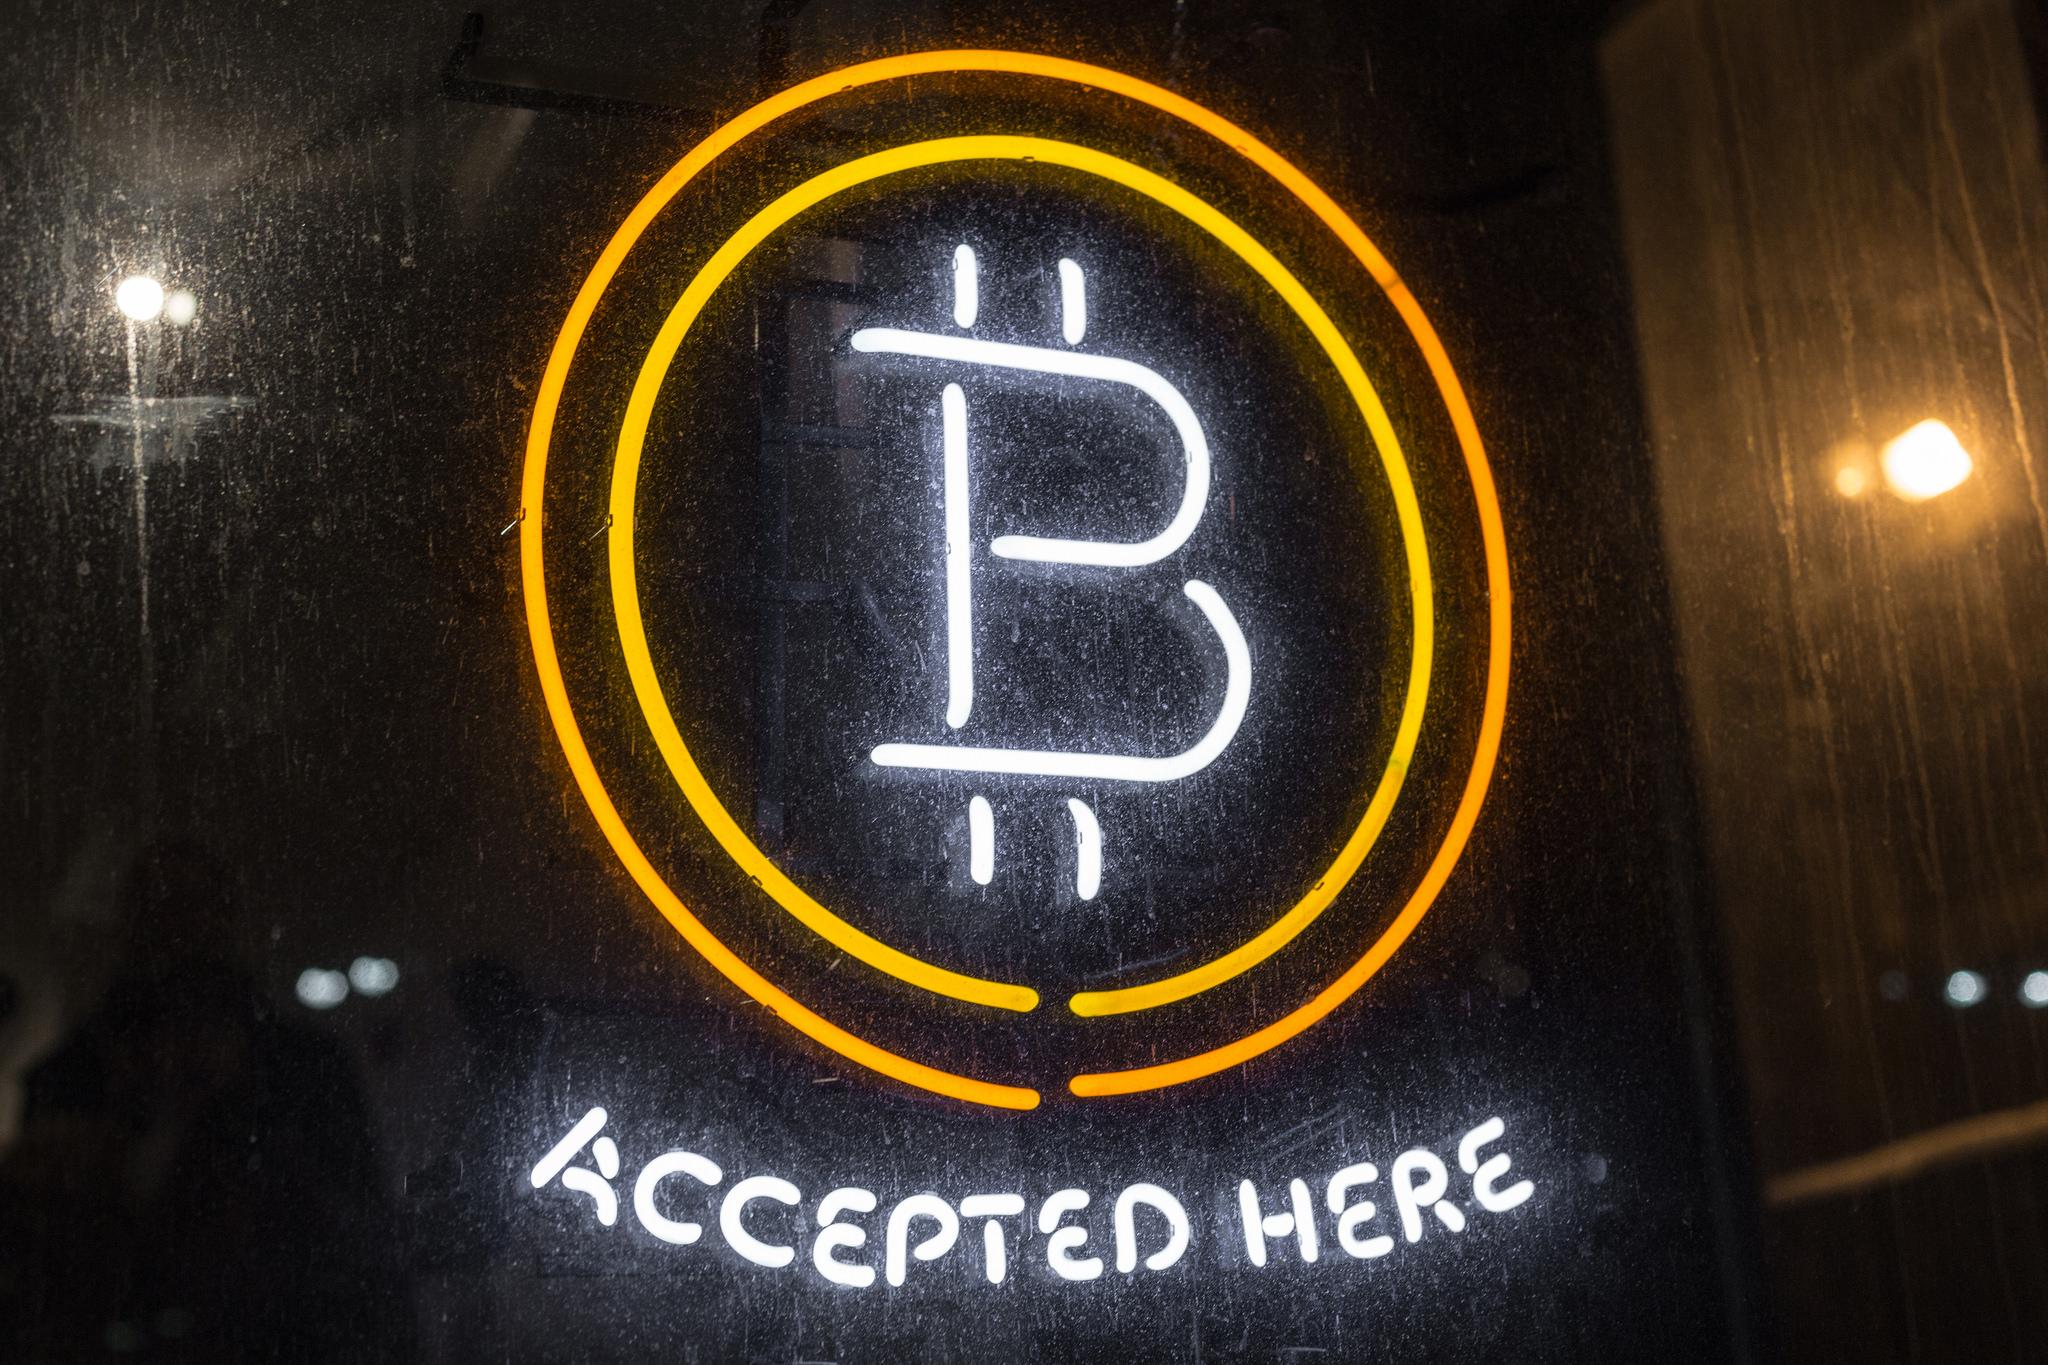 Des experts bancaires ont indiqué dans un rapport publié lundi que les cryptomonnaies comme le bitcoin sont trop imparfaites et trop instables pour être utilisées comme une monnaie légitime au niveau mondial